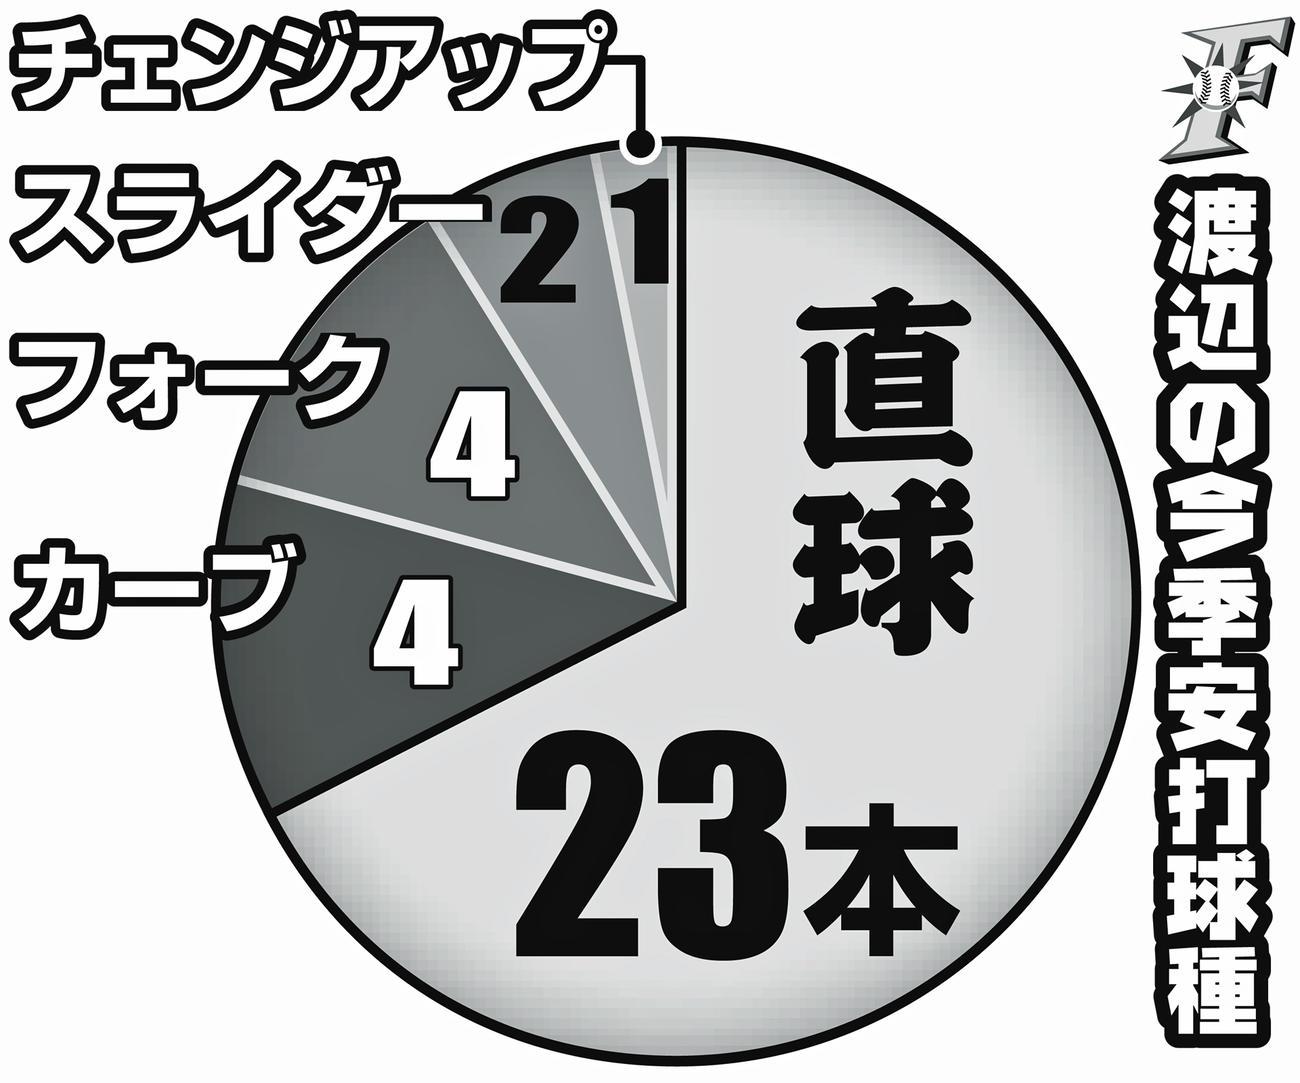 日本ハム渡辺の今季安打球種